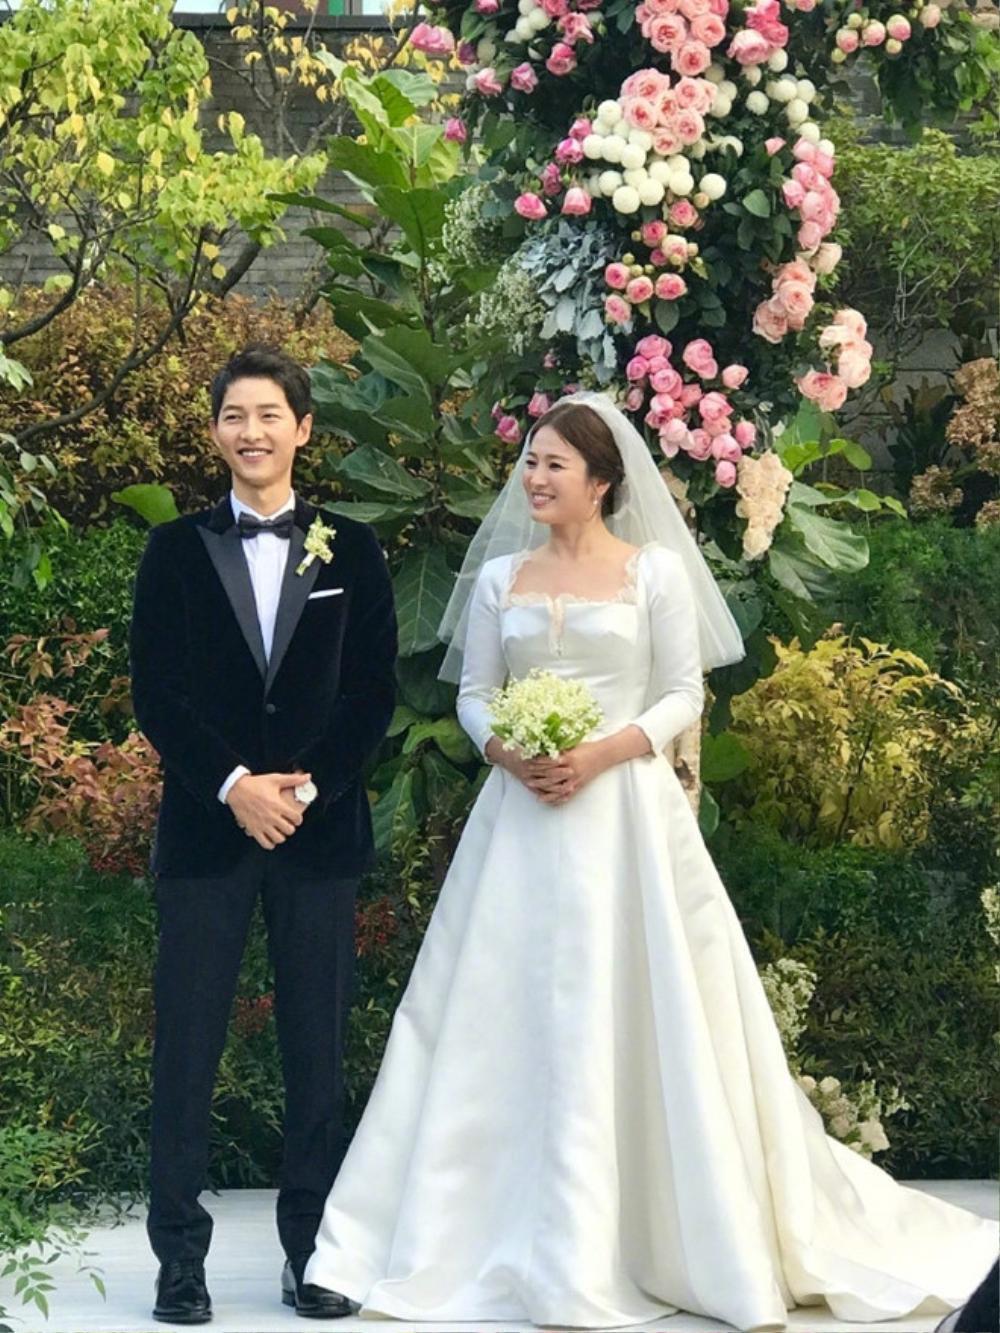 Song Joong Ki - Lee Kwang Soo đội mưa đự đám cưới, địa điểm là nơi kết hôn với Song Hye Kyo! Ảnh 14